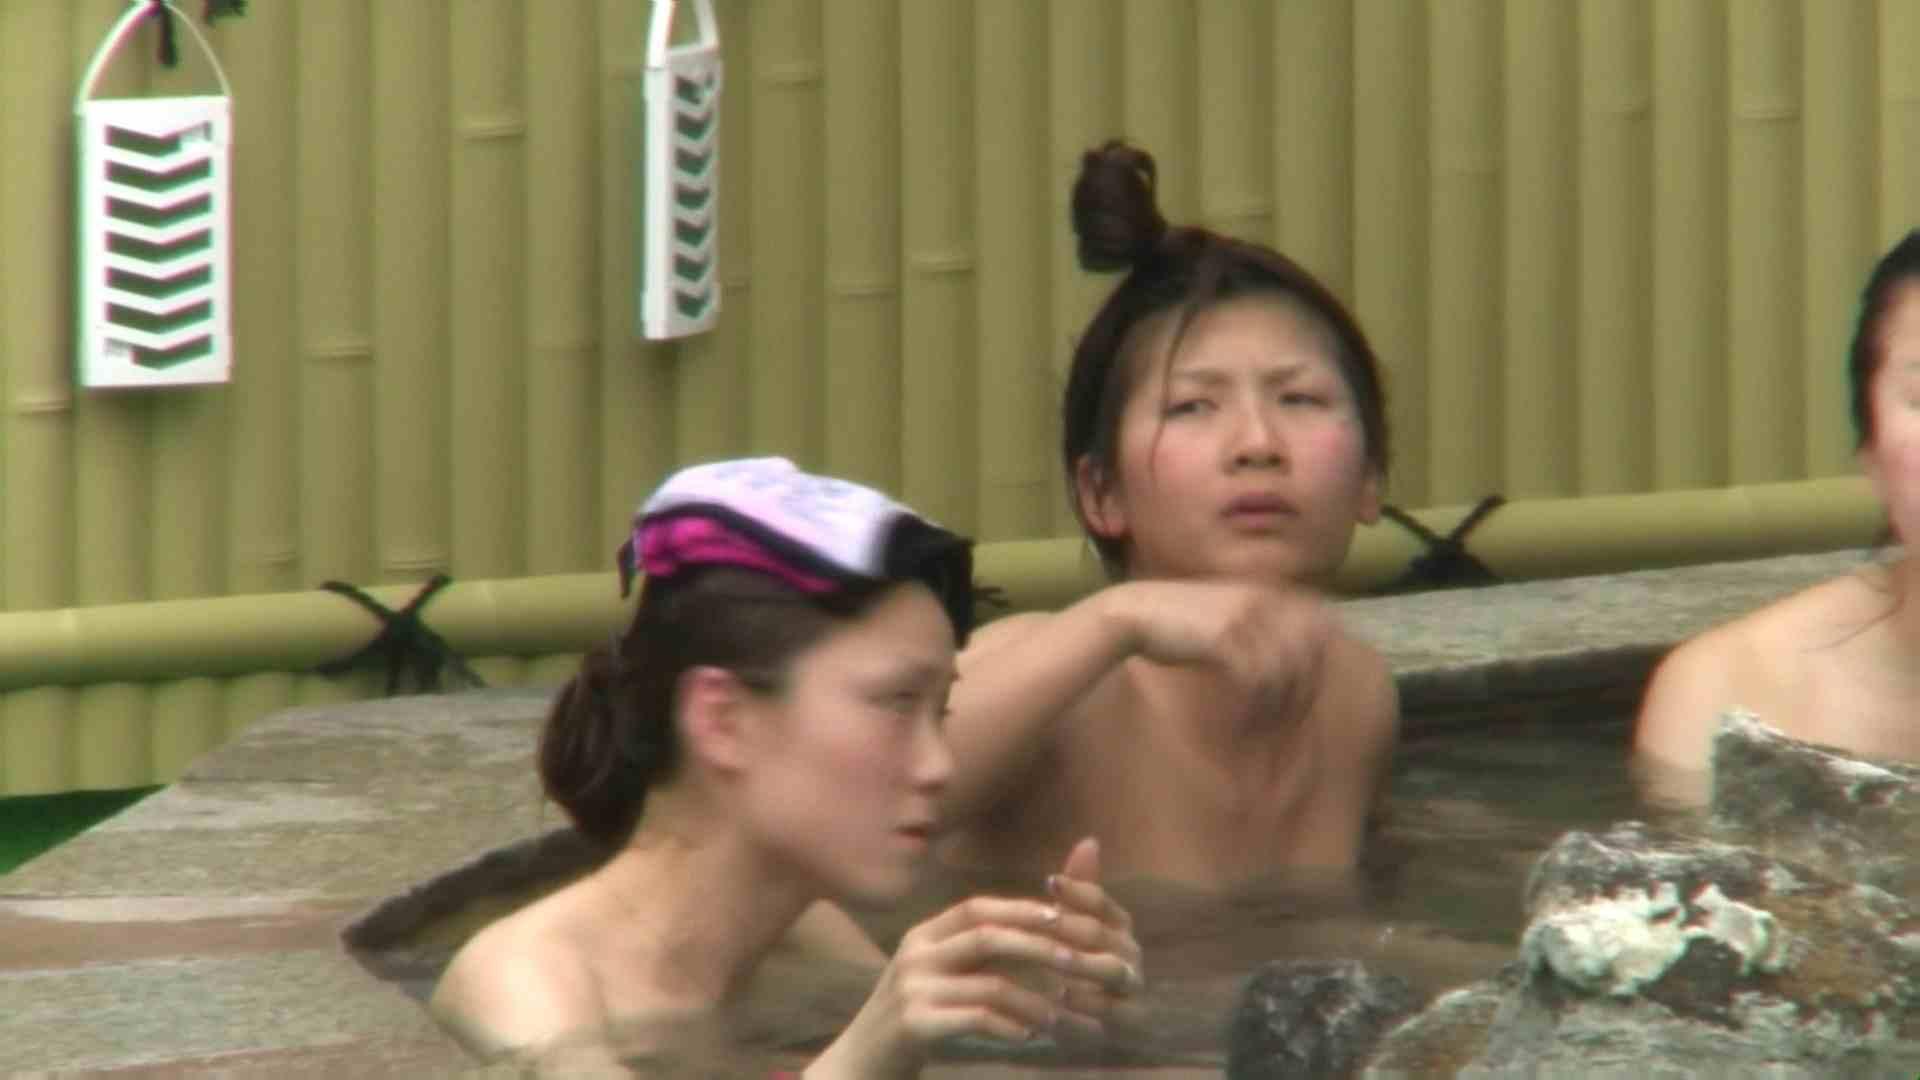 Aquaな露天風呂Vol.66【VIP限定】 0  61pic 52